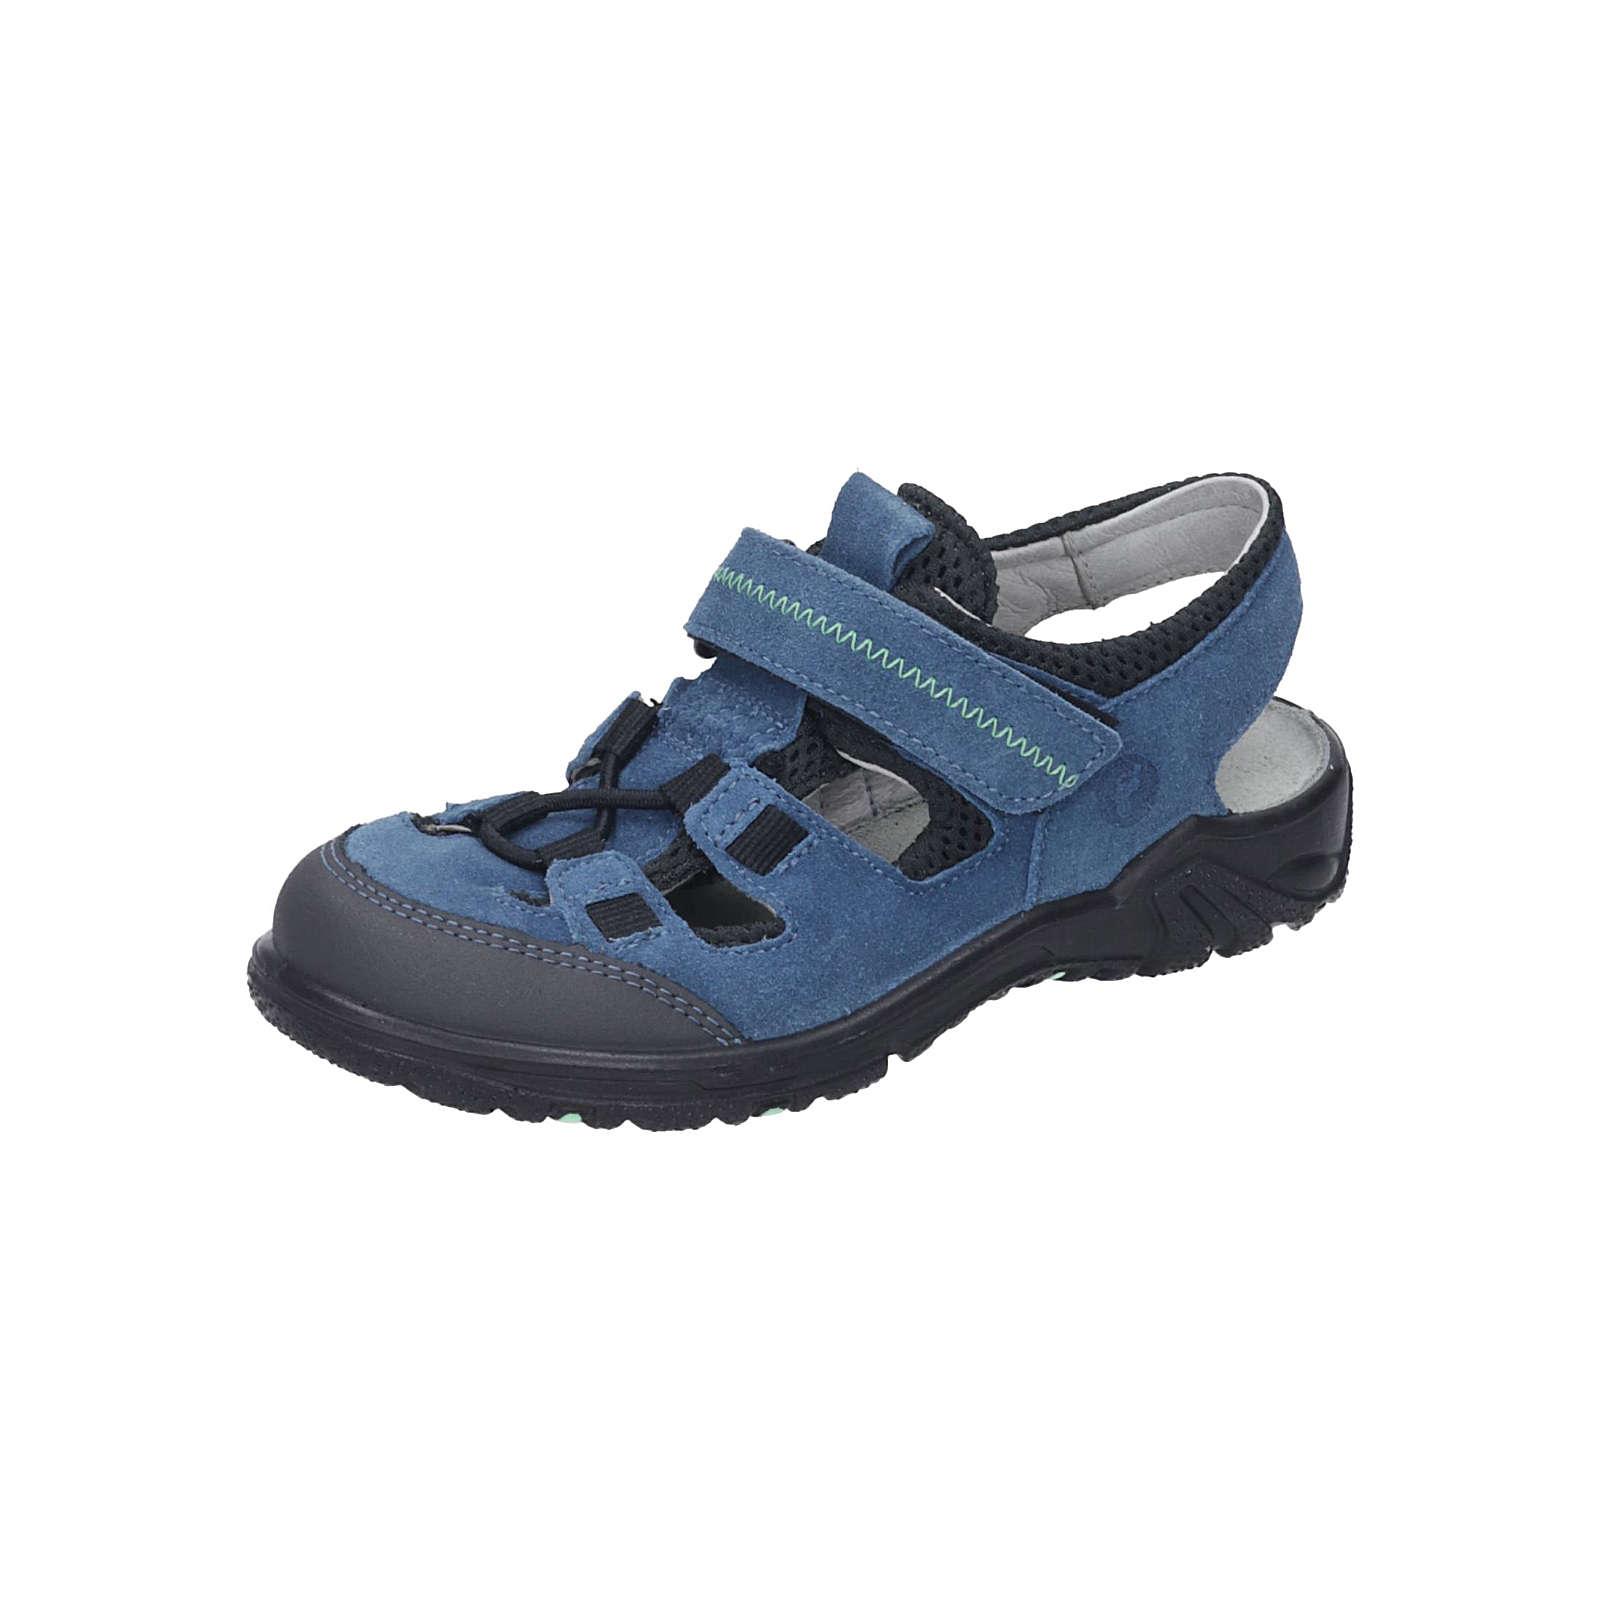 RICOSTA Sandalen für Jungen hellblau Junge Gr. 27